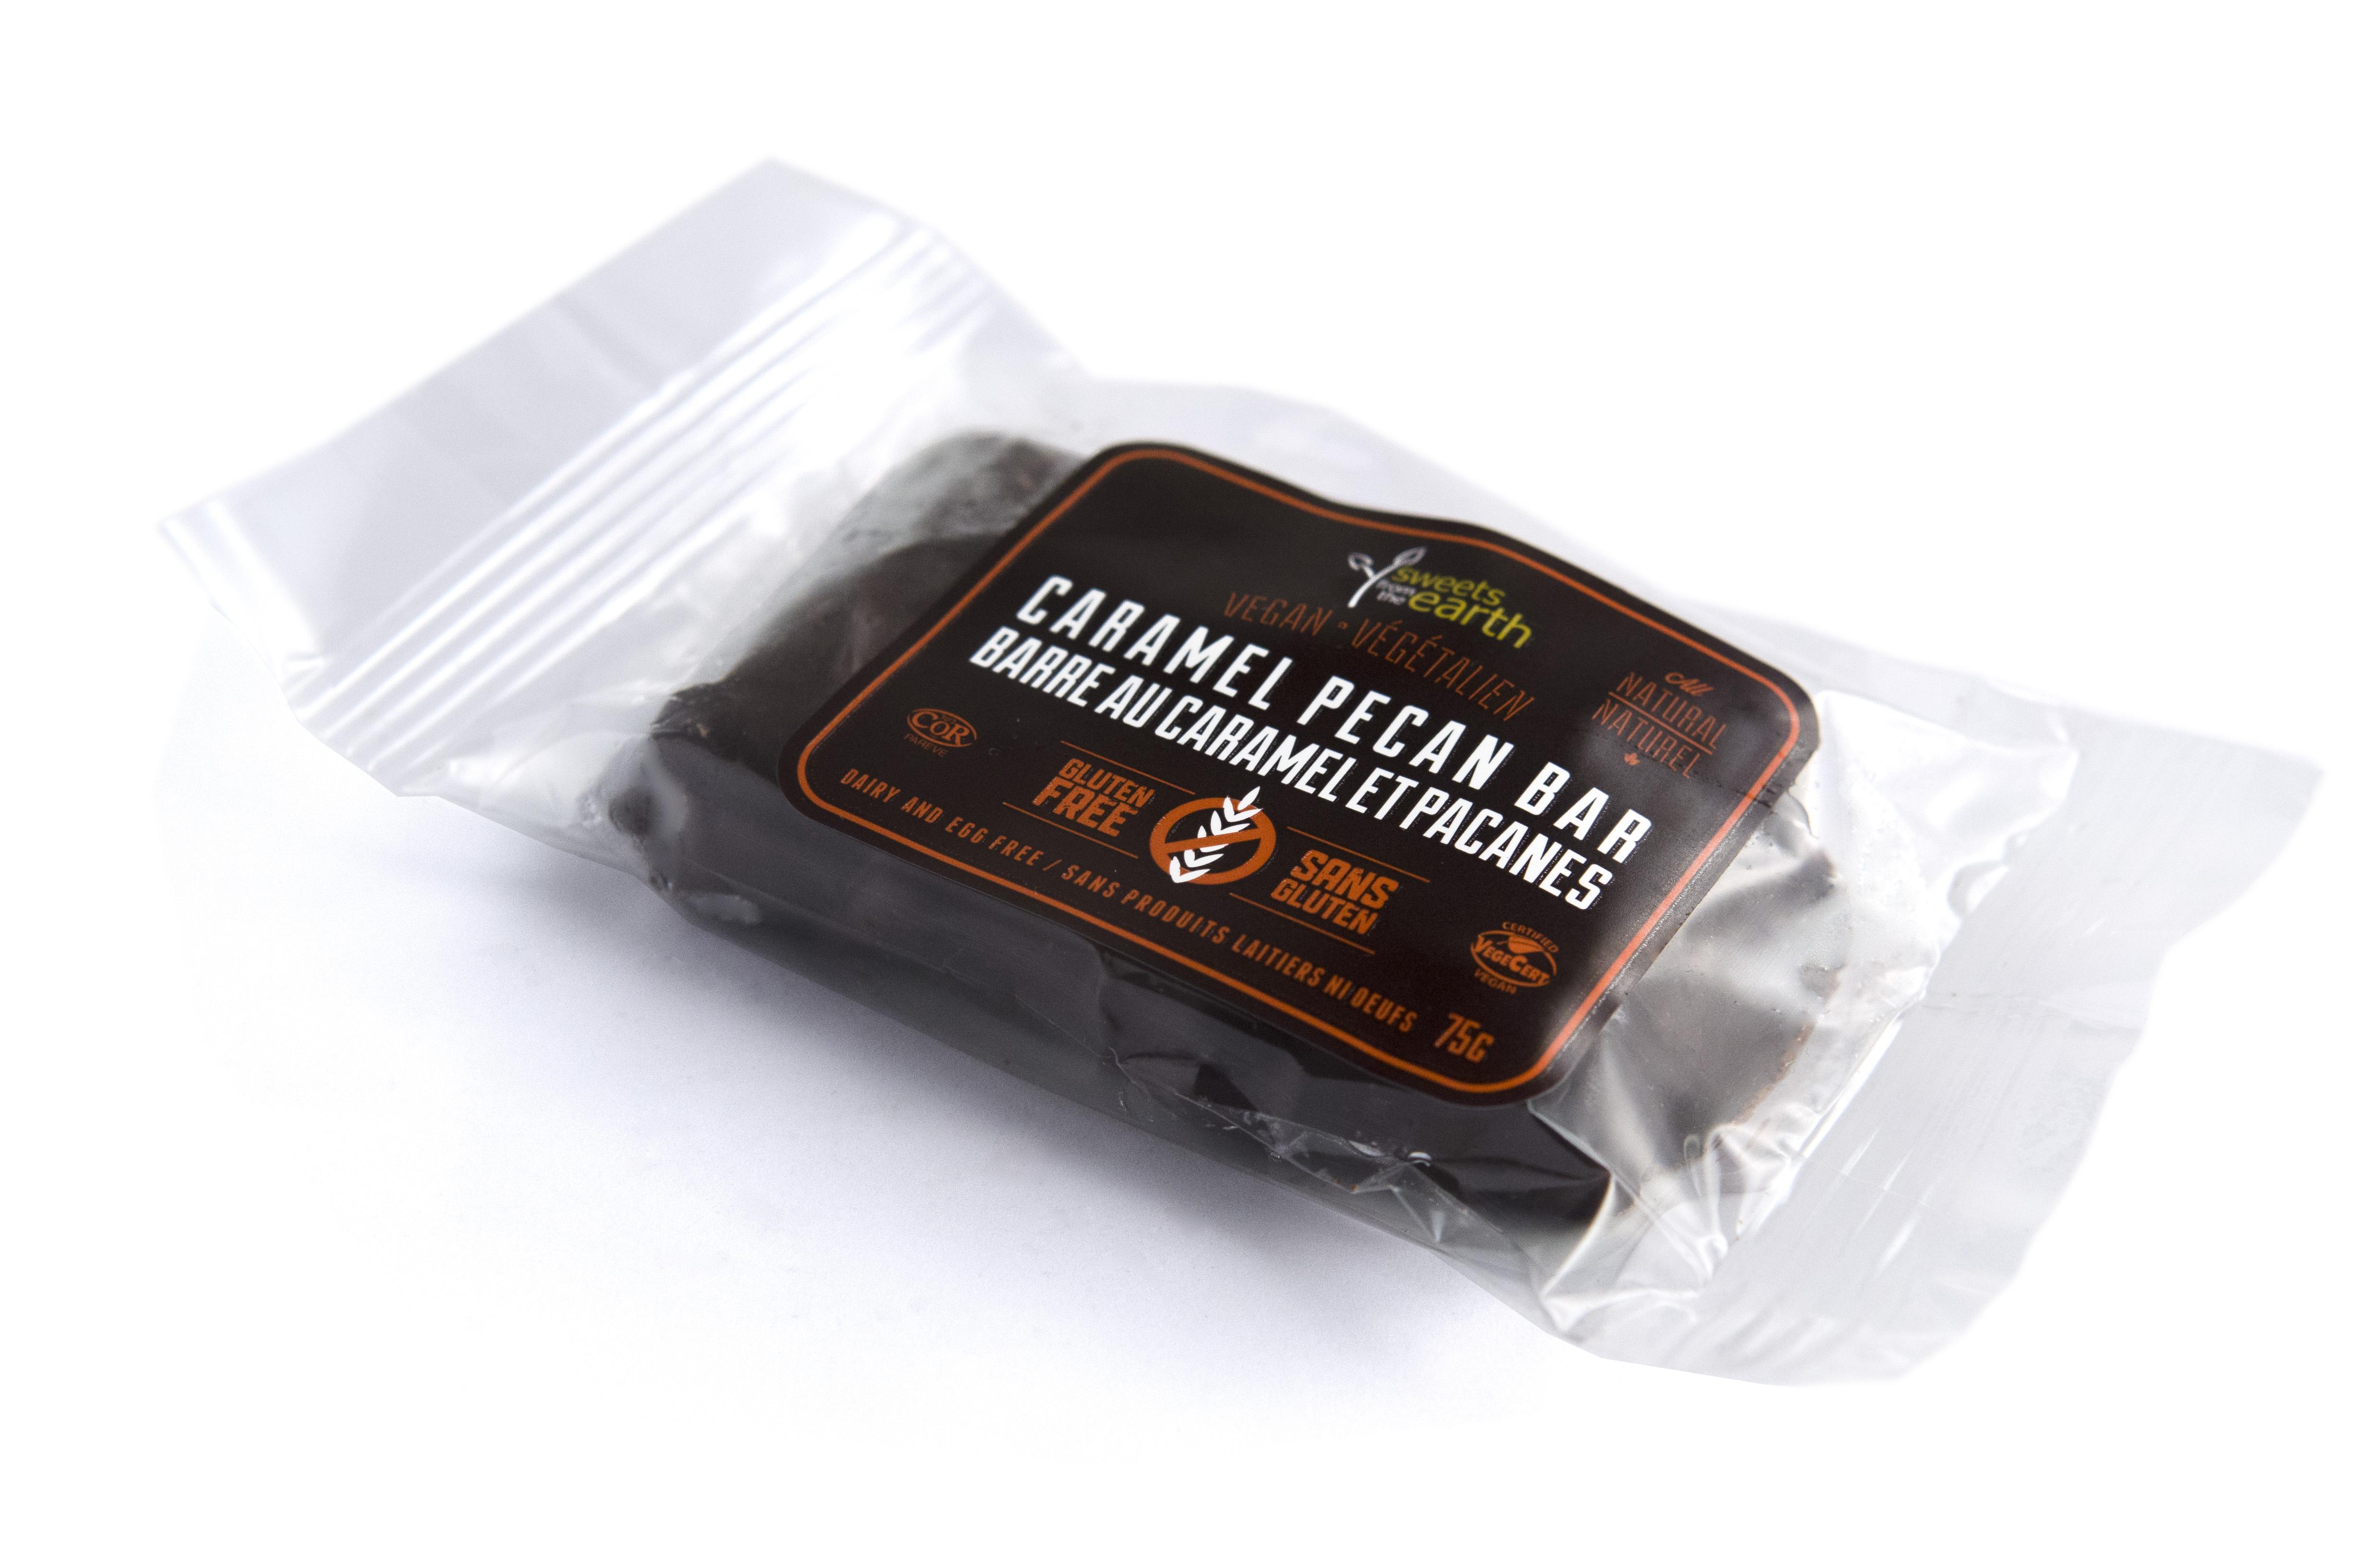 GF Caramel Pecan Bar side wrapped